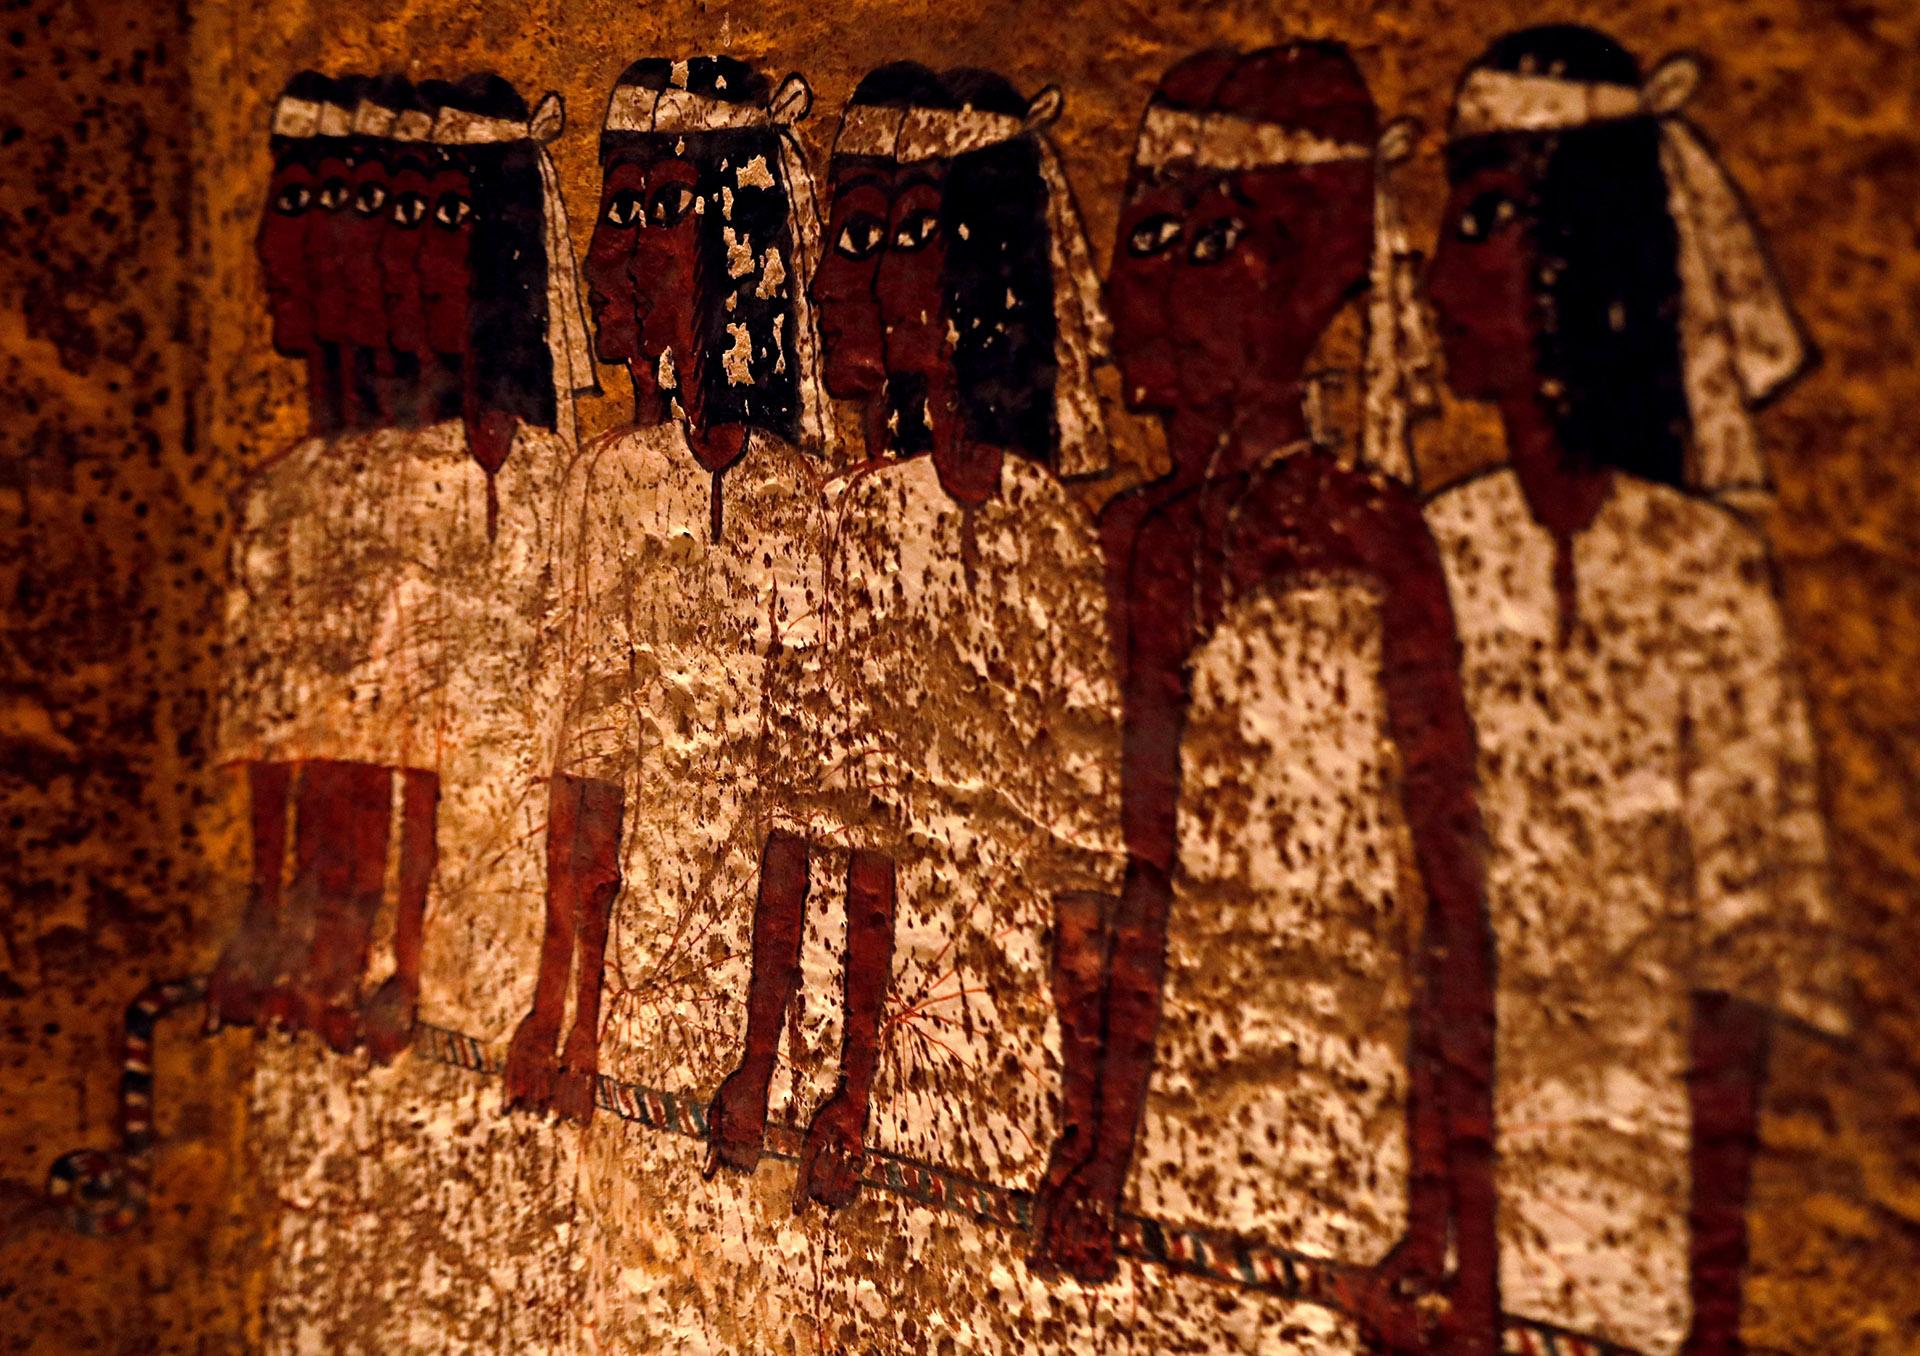 La primera etapa fue un estudio exhaustivo, en particular del estado de las famosas pinturas murales color amarillo y ocre que decoran la cámara funeraria del joven faraón Tutankamón, quien reinó hace más de 3.300 años